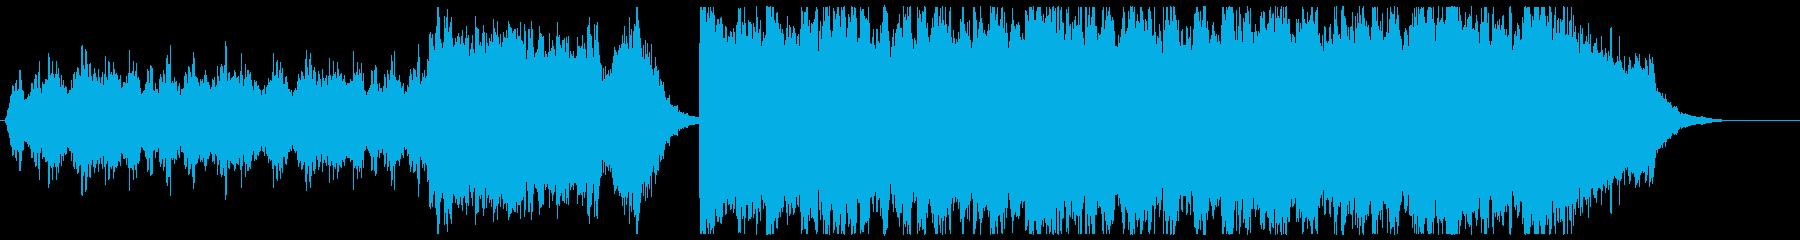 ピアノとストリングスのクラシックポップの再生済みの波形